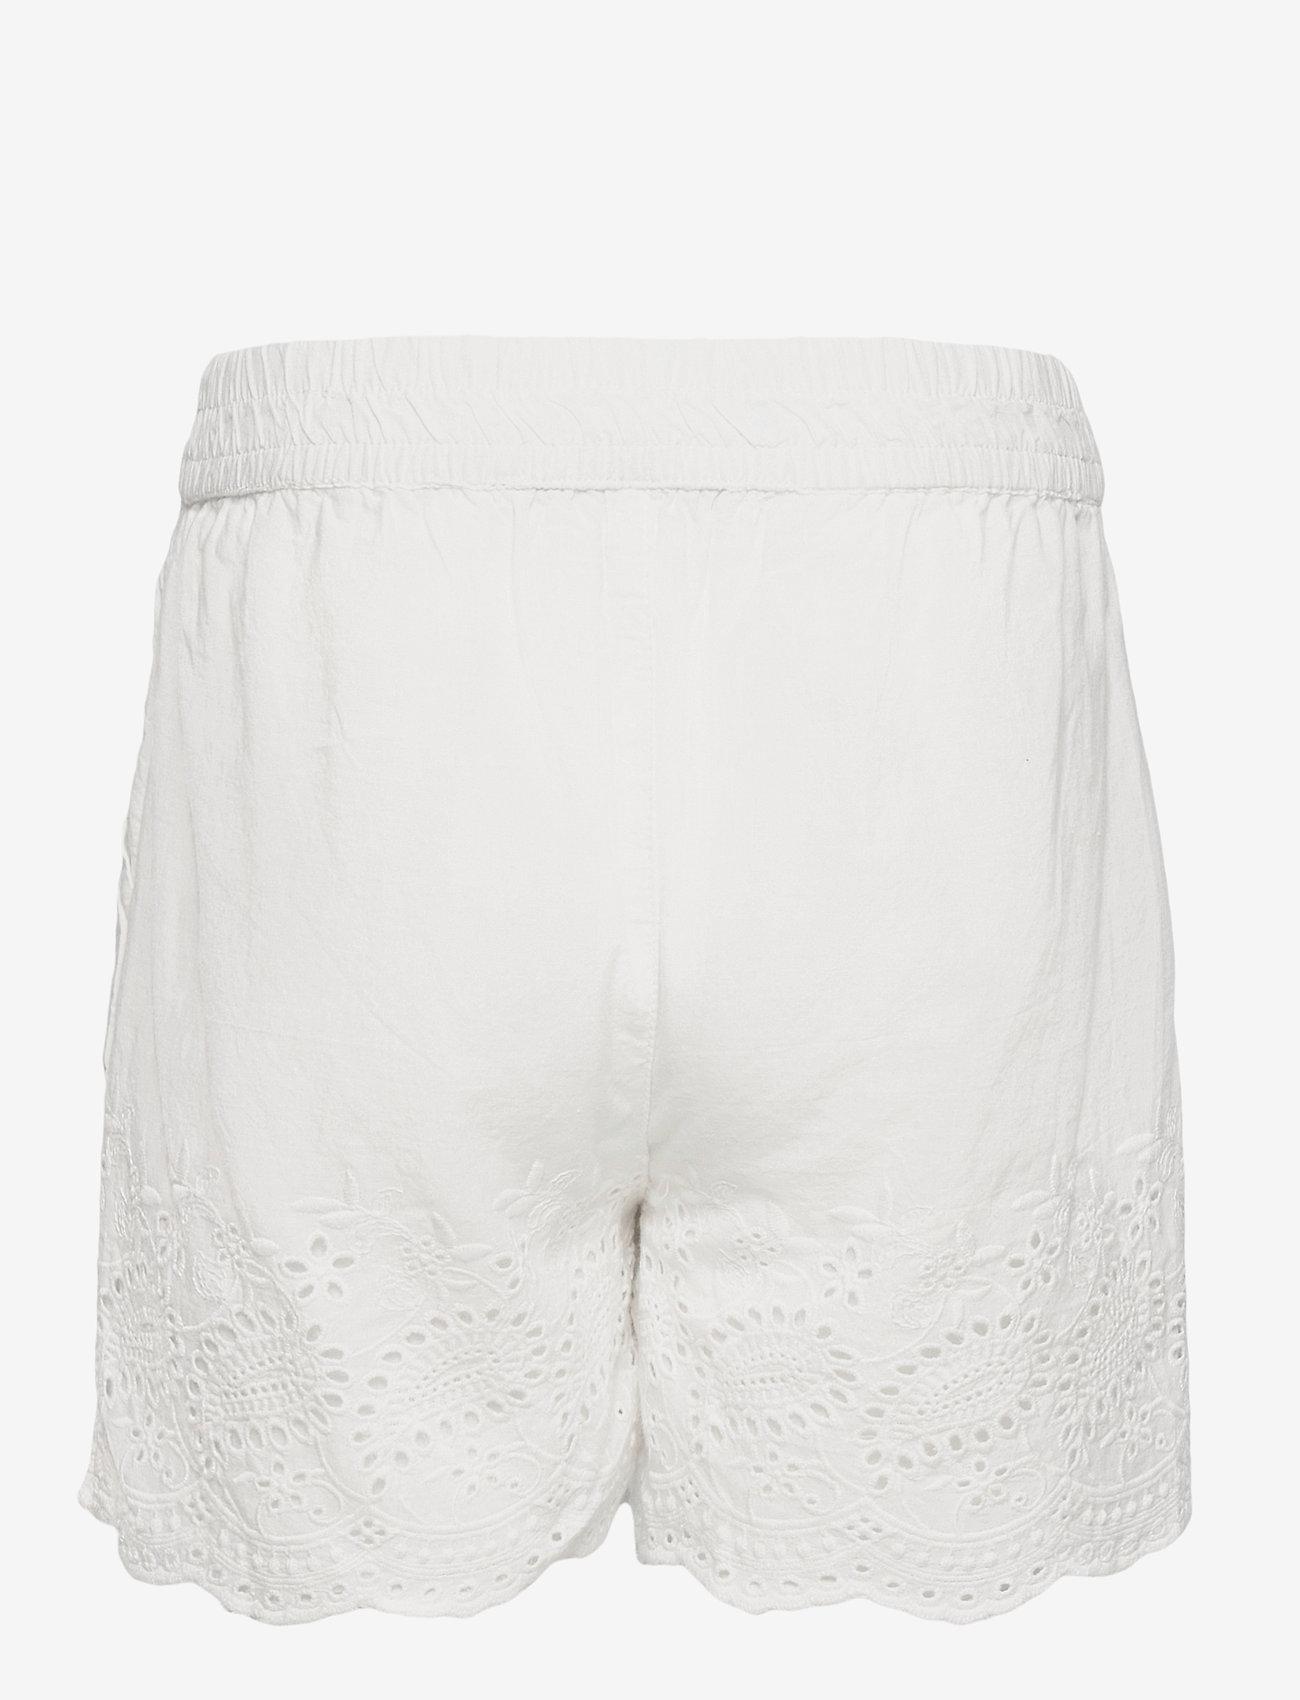 Kids Only - KONKAREN SHORTS WVN - shorts - cloud dancer - 1